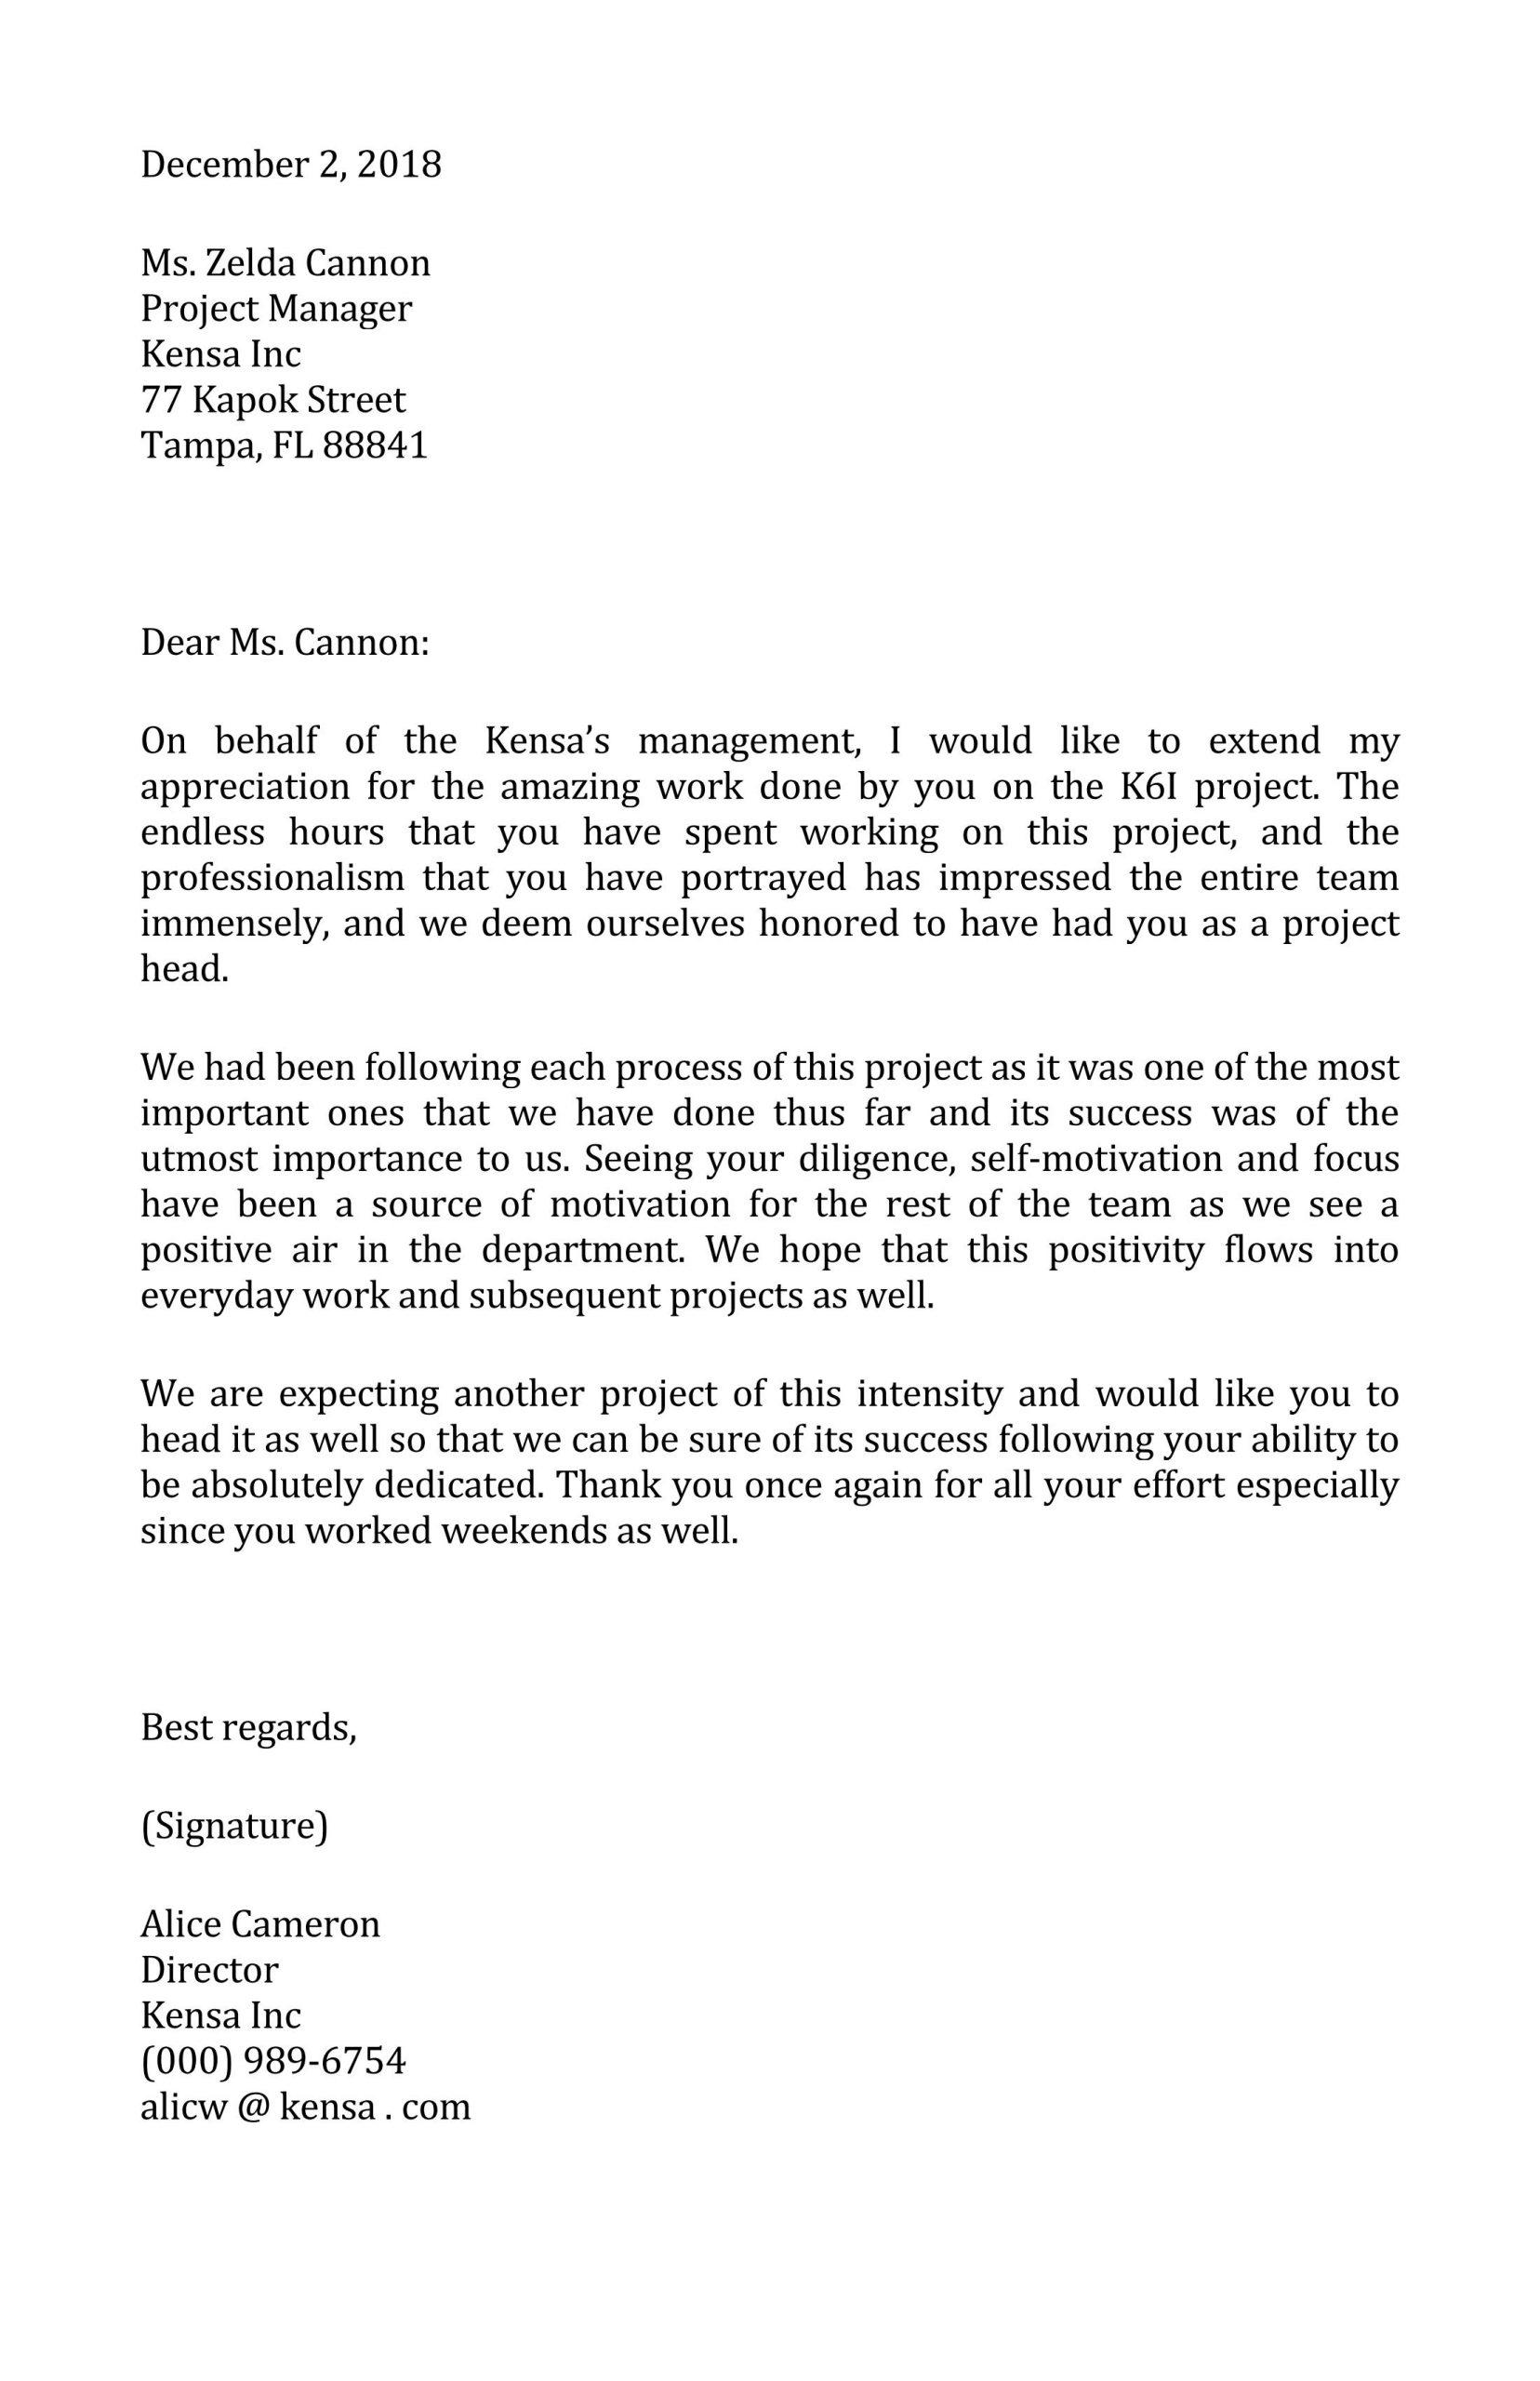 Appreciation Letter Template 02